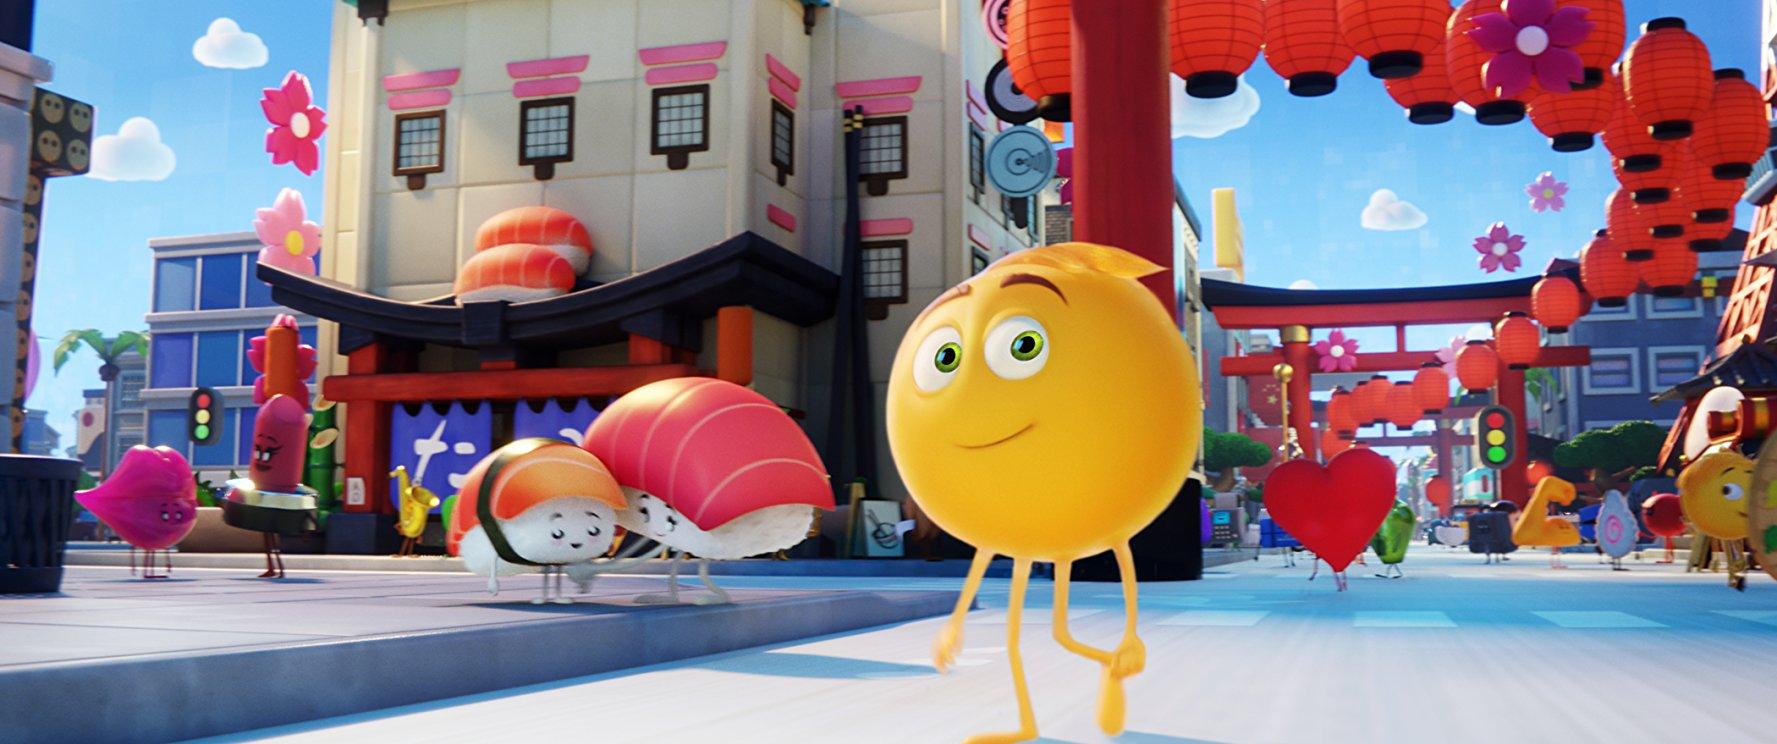 دانلود انیمیشن زیبای ایموجی The Emoji Movie - دانلود انیمیشن زیبای ایموجی The Emoji Movie دوبله